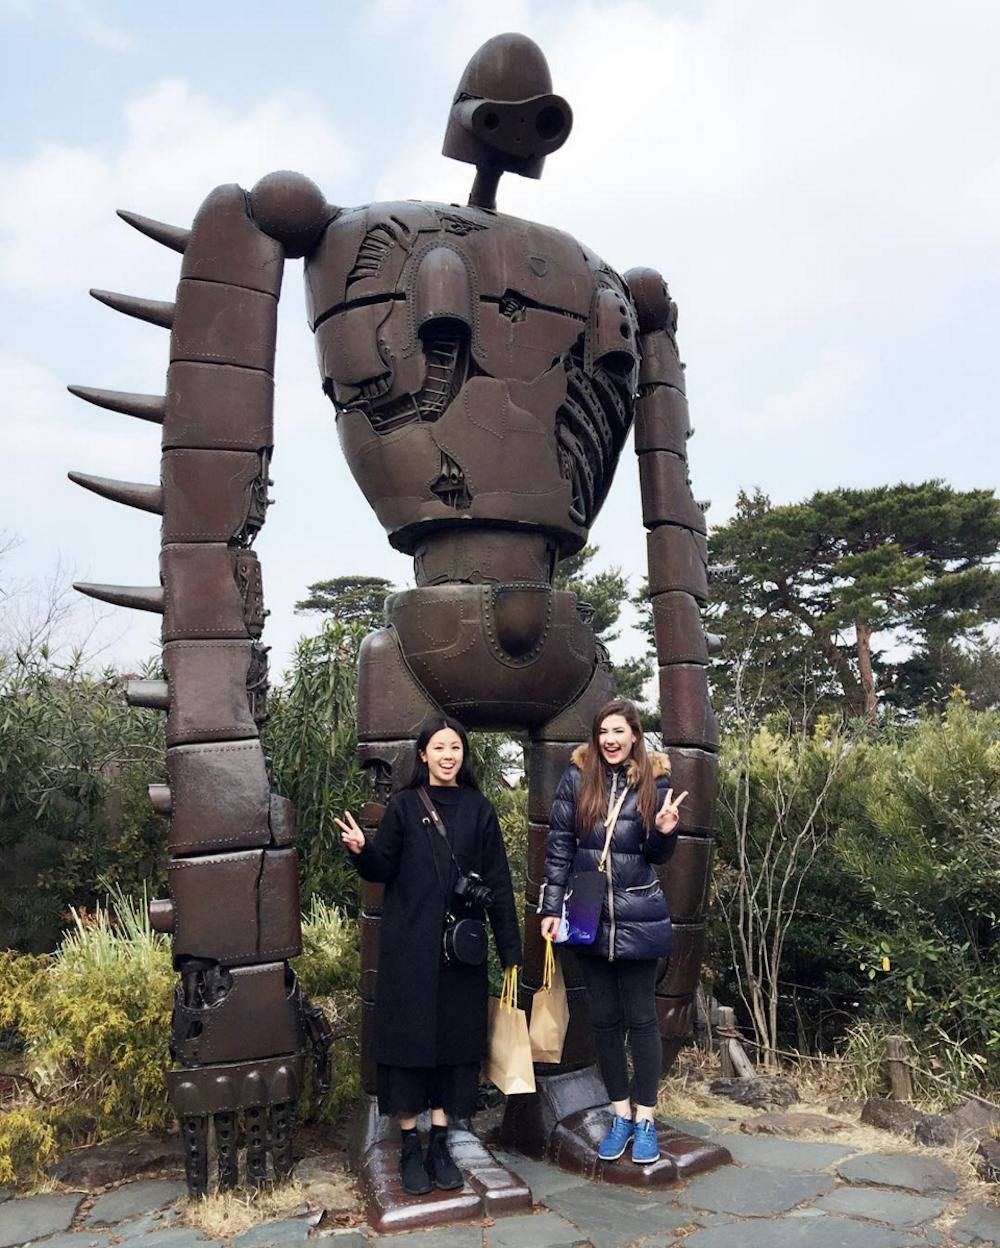 studio-ghibli-gibli-museum-tokyo-japan-review-pictures